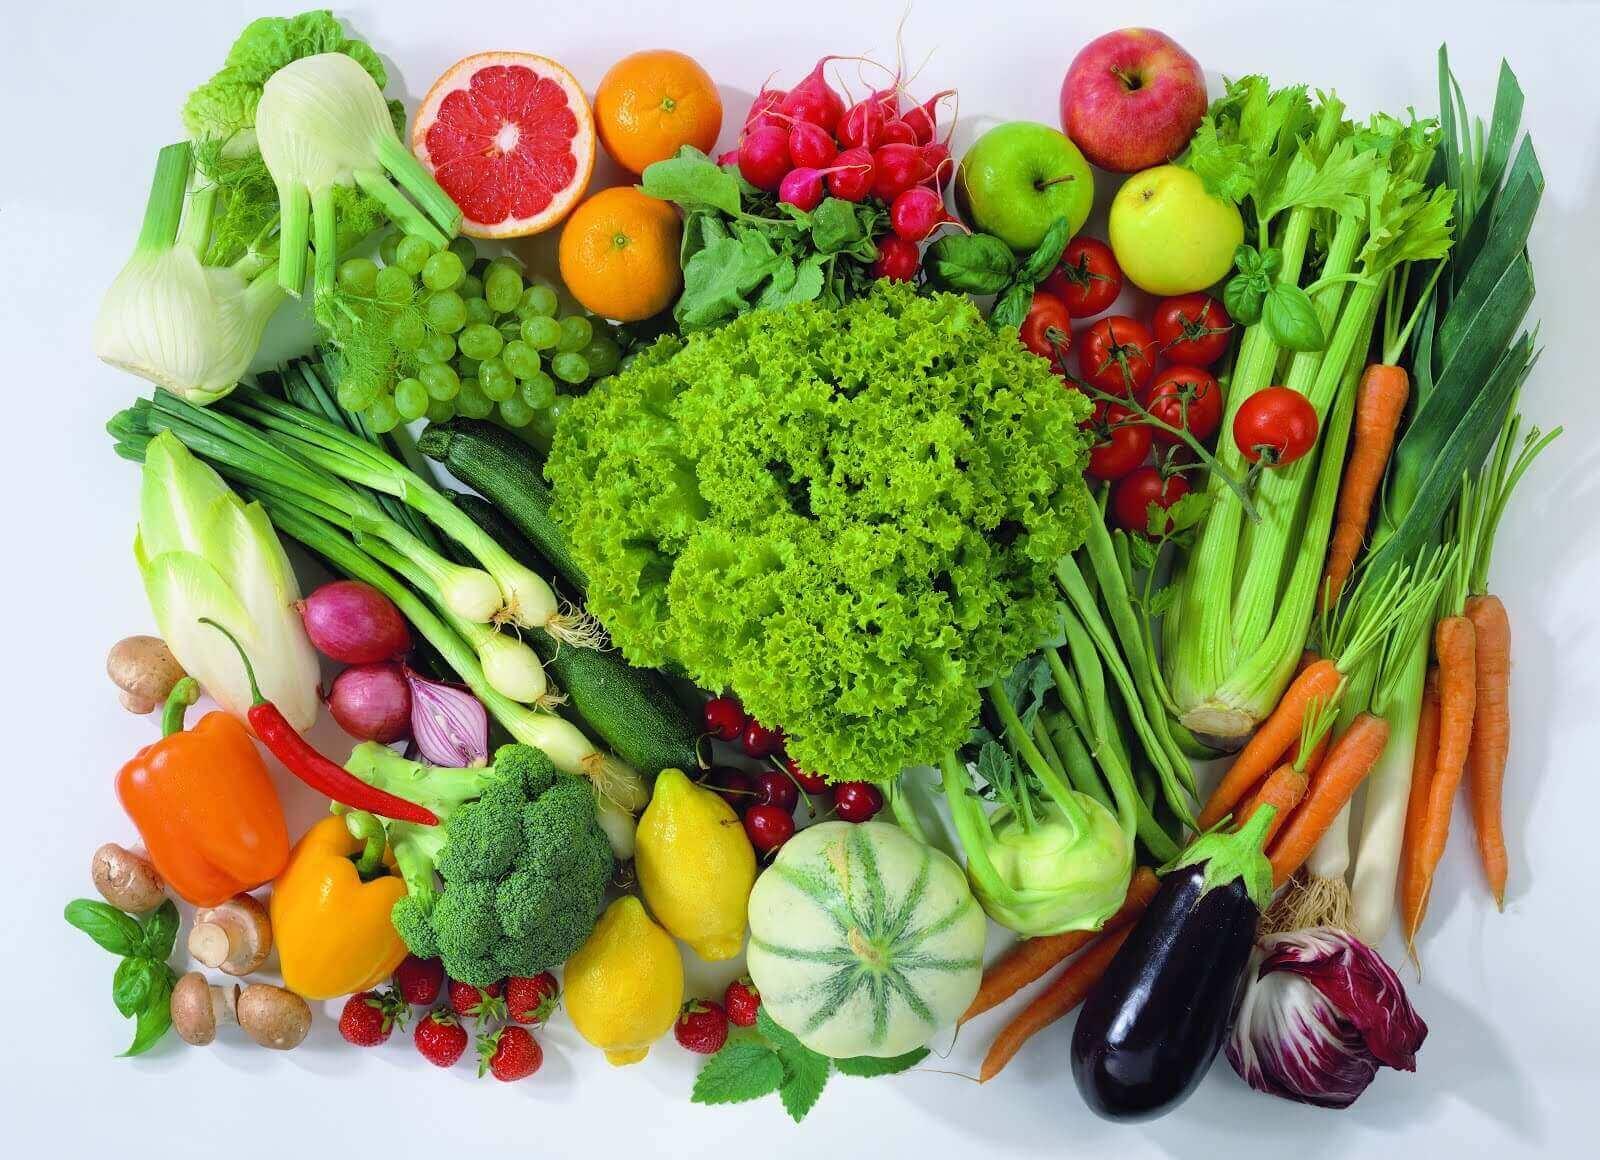 Δίαιτα κατά την εμμηνόπαυση - Φρούτα και λαχανικά